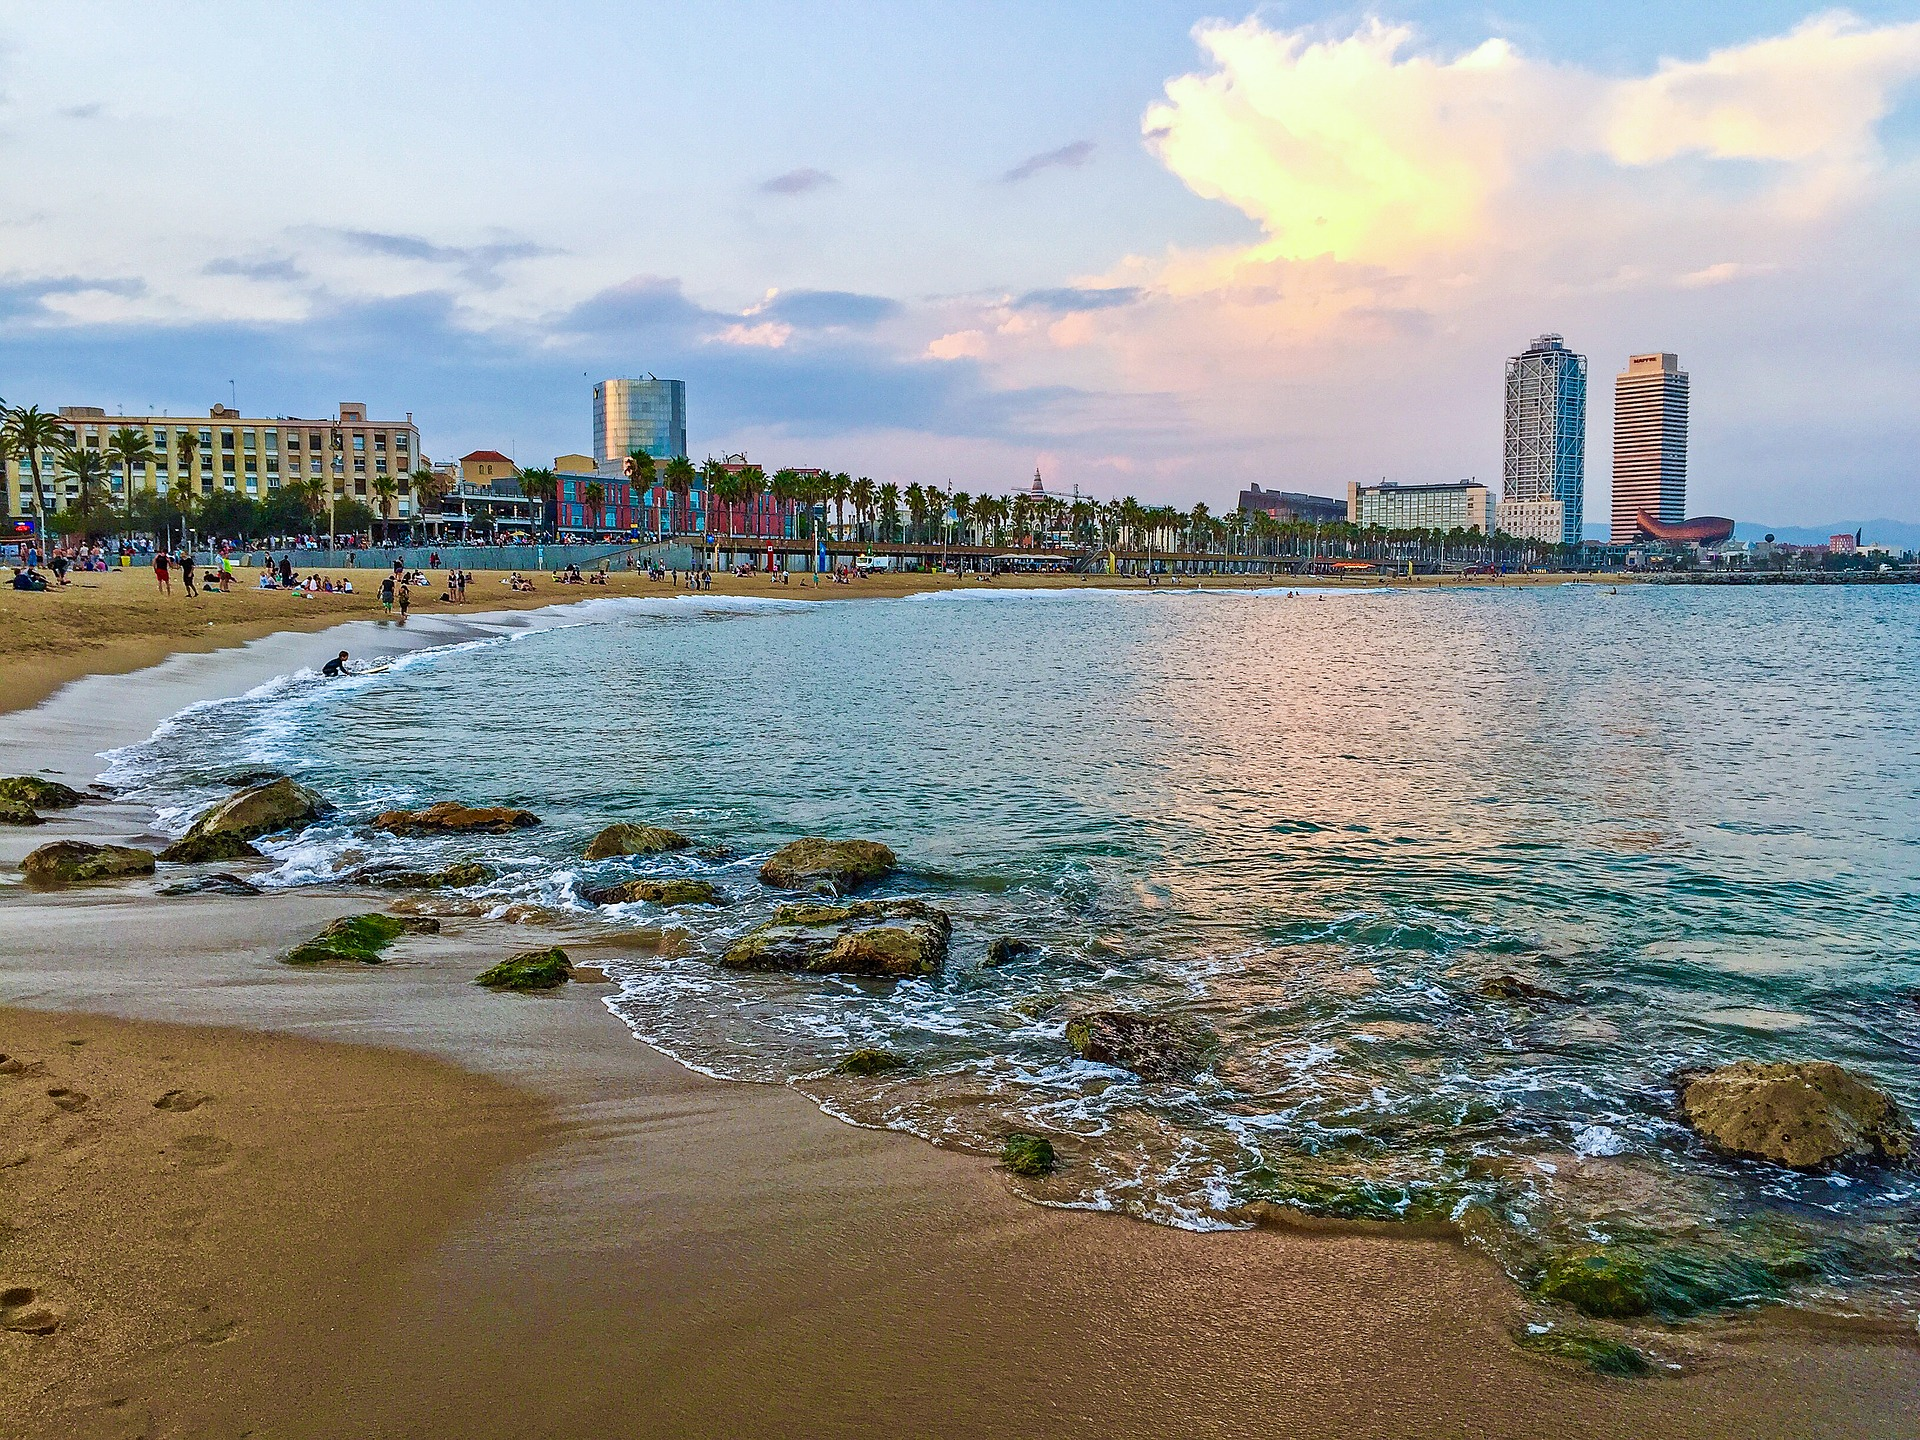 Barcelona y el mar, la Barceloneta, Port Vell, Palau del Mar, la Basílica de Santa María del Mar